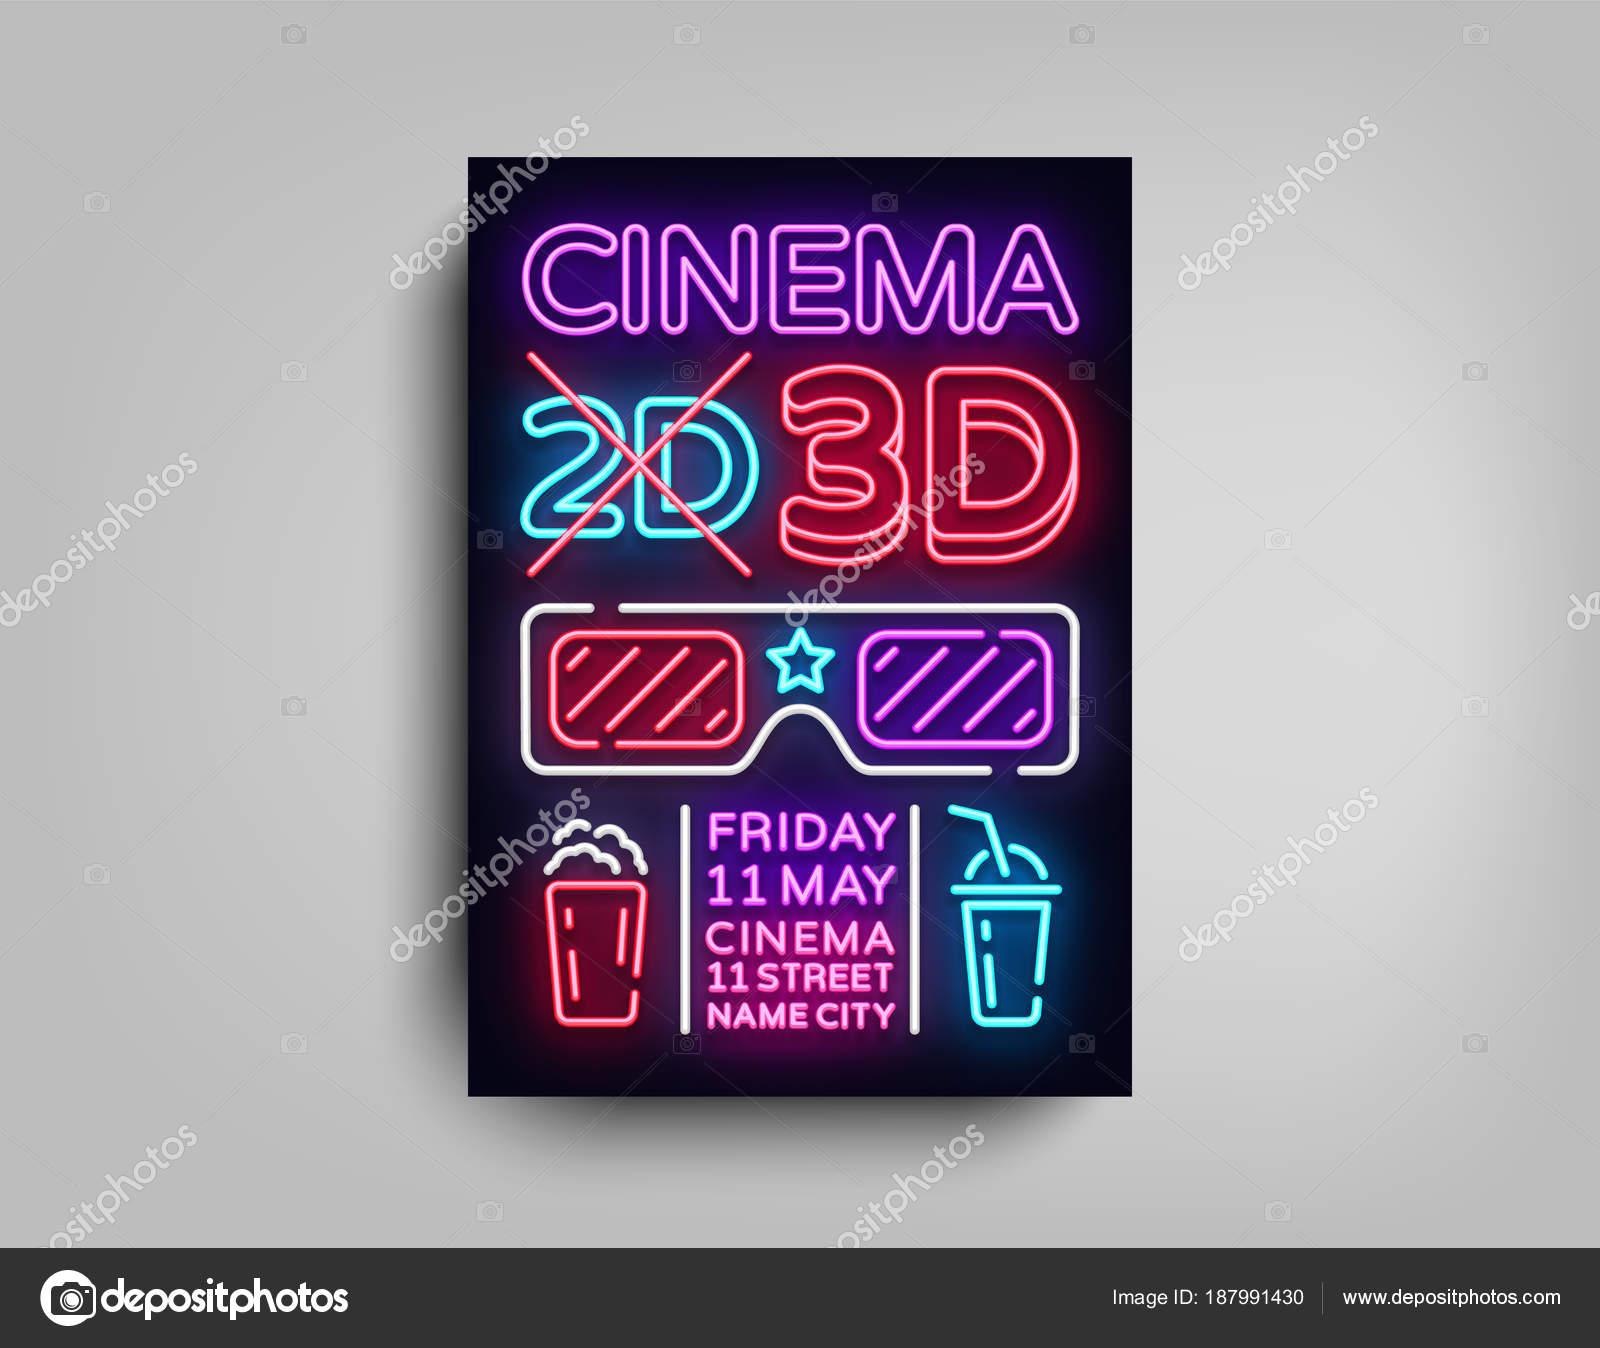 Kino 3d Poster-Design-Vorlage in Neon-Stil. Neon Sign, Licht, helles ...